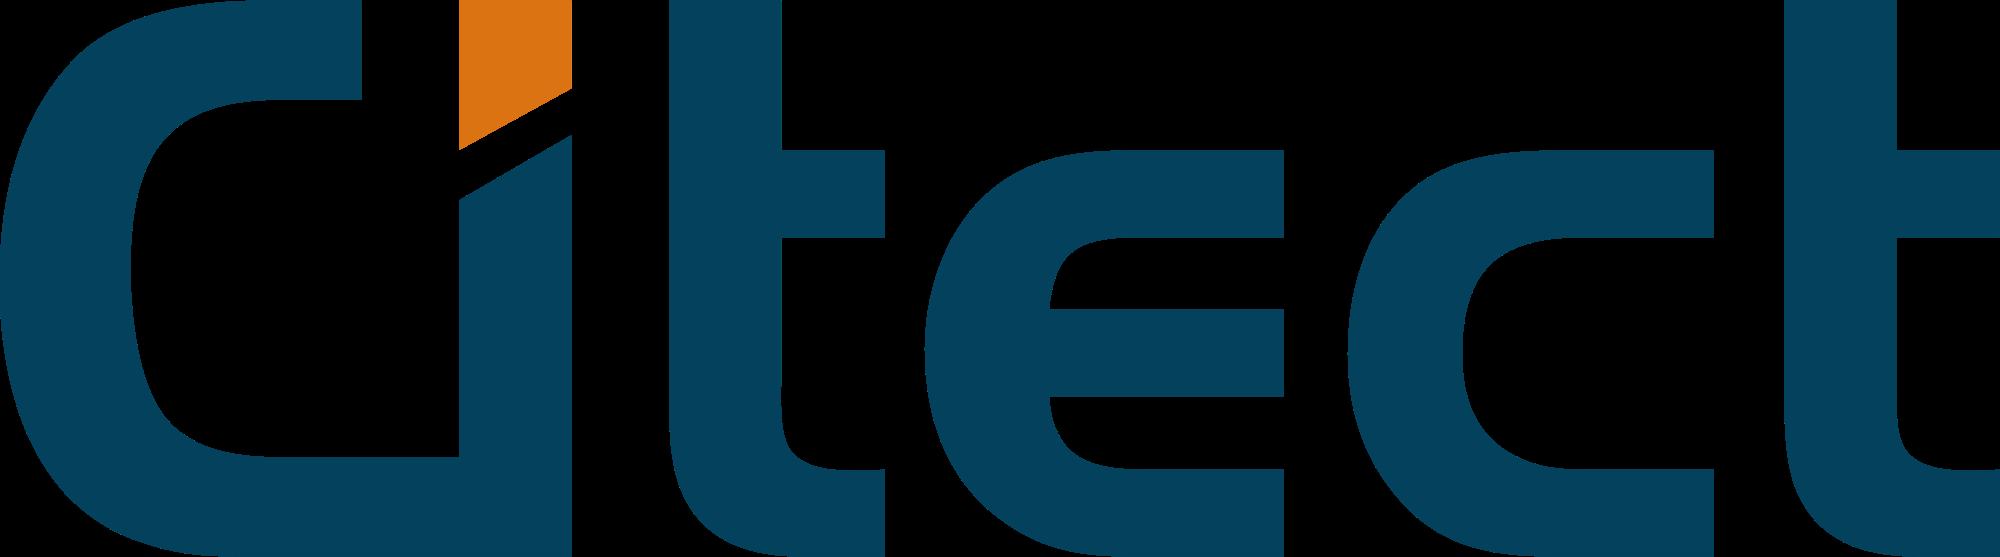 Citect-1